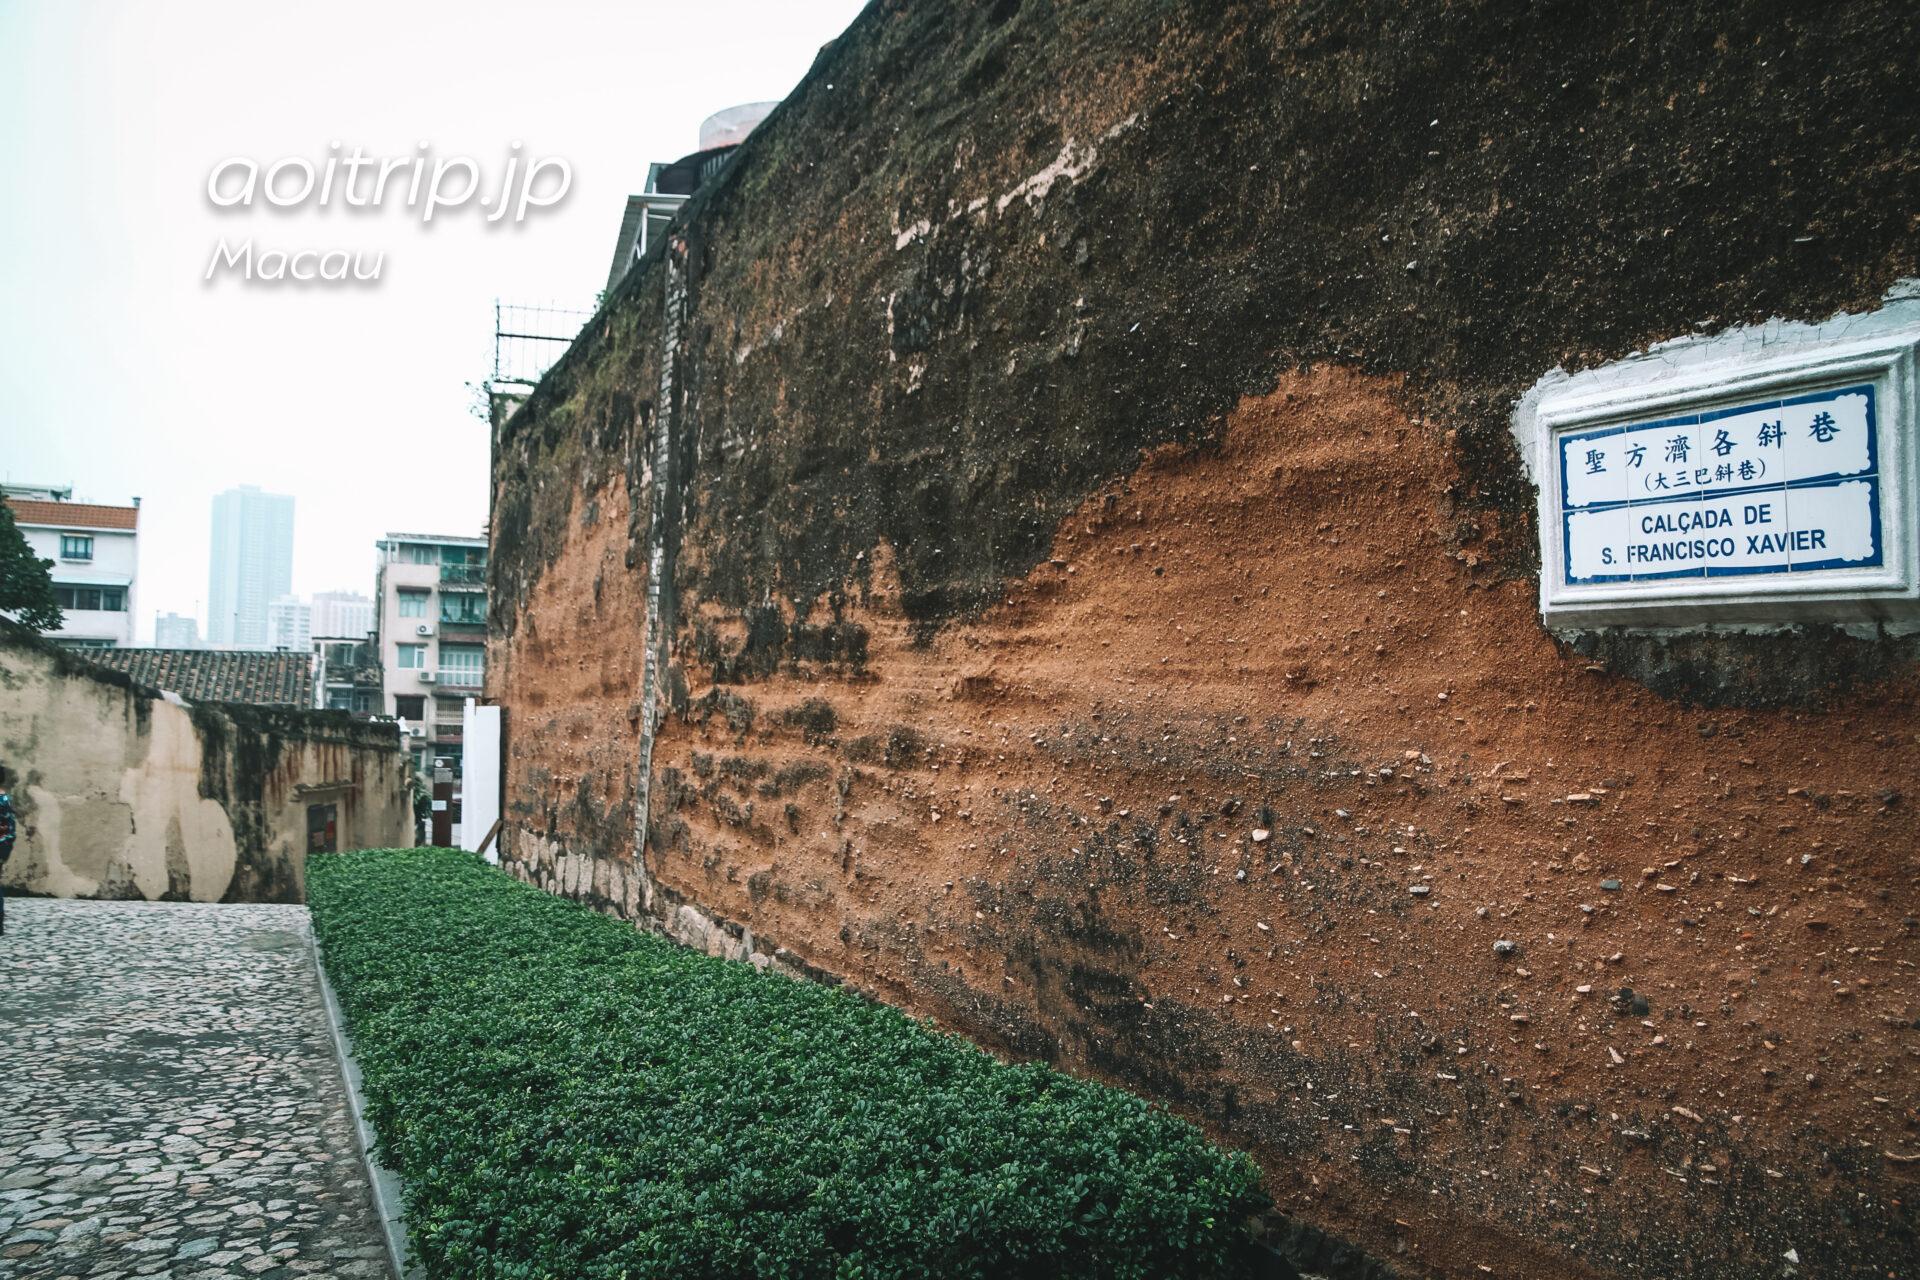 マカオの旧城壁 Section of the Old City Walls